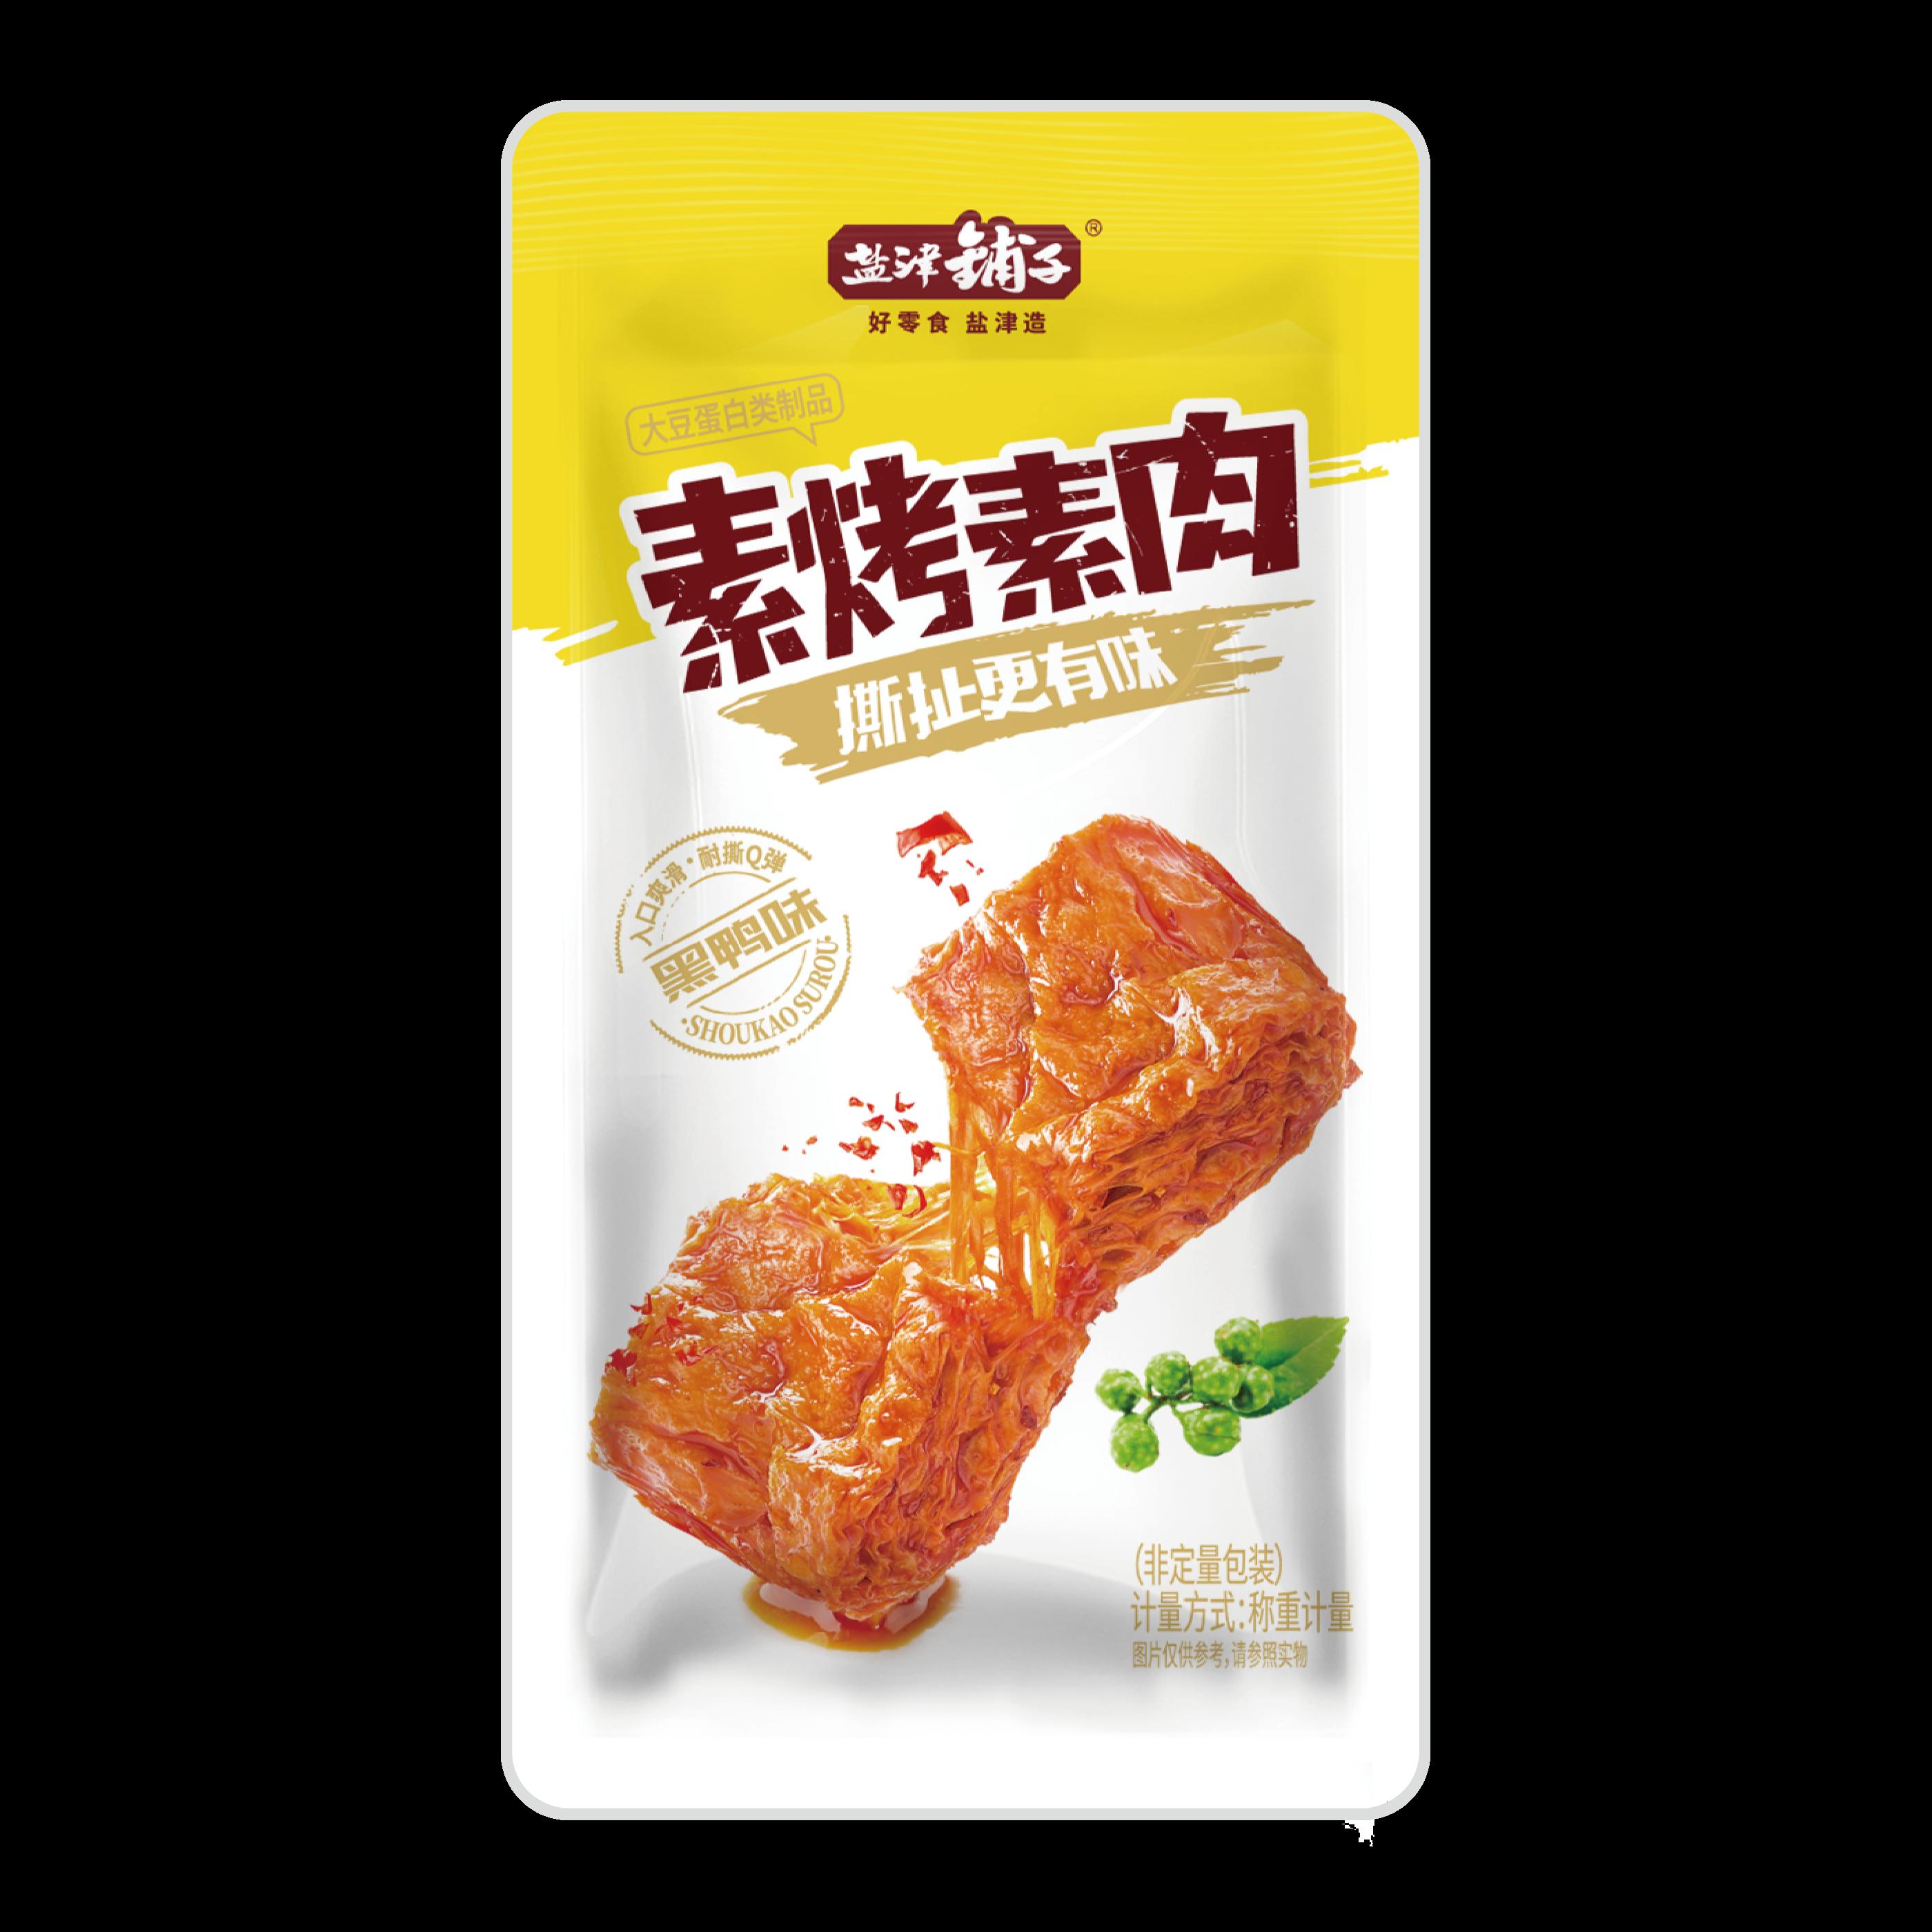 素肉-黑鸭味